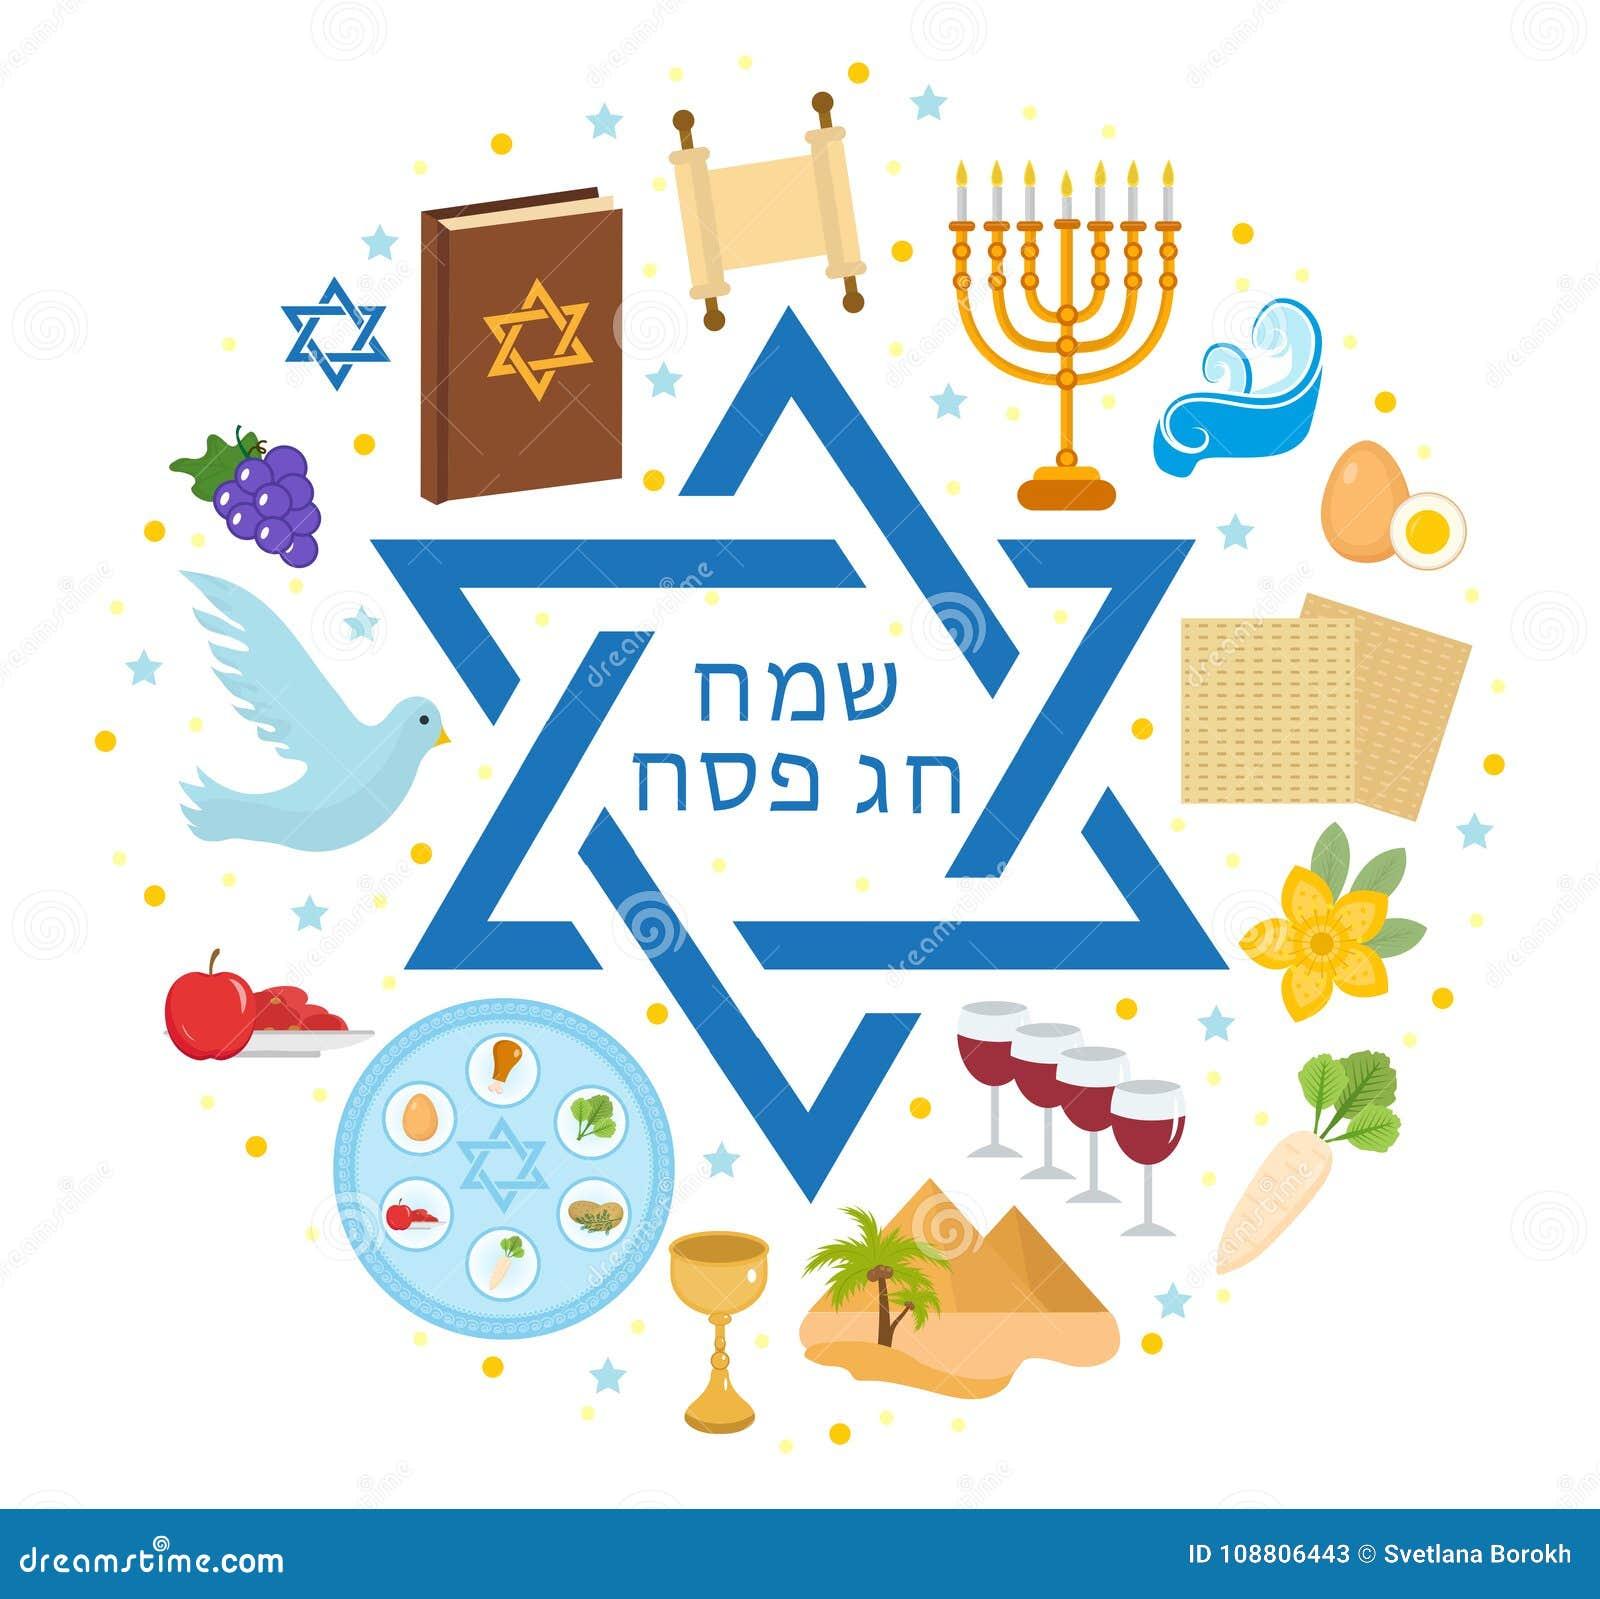 Icones Da Pascoa Judaica Ajustados Na Forma Redonda Liso Estilo Dos Desenhos Animados Feriado Judaico Colecao Com Placa De Seder Ilustracao Do Vetor Ilustracao De Seder Placa 108806443